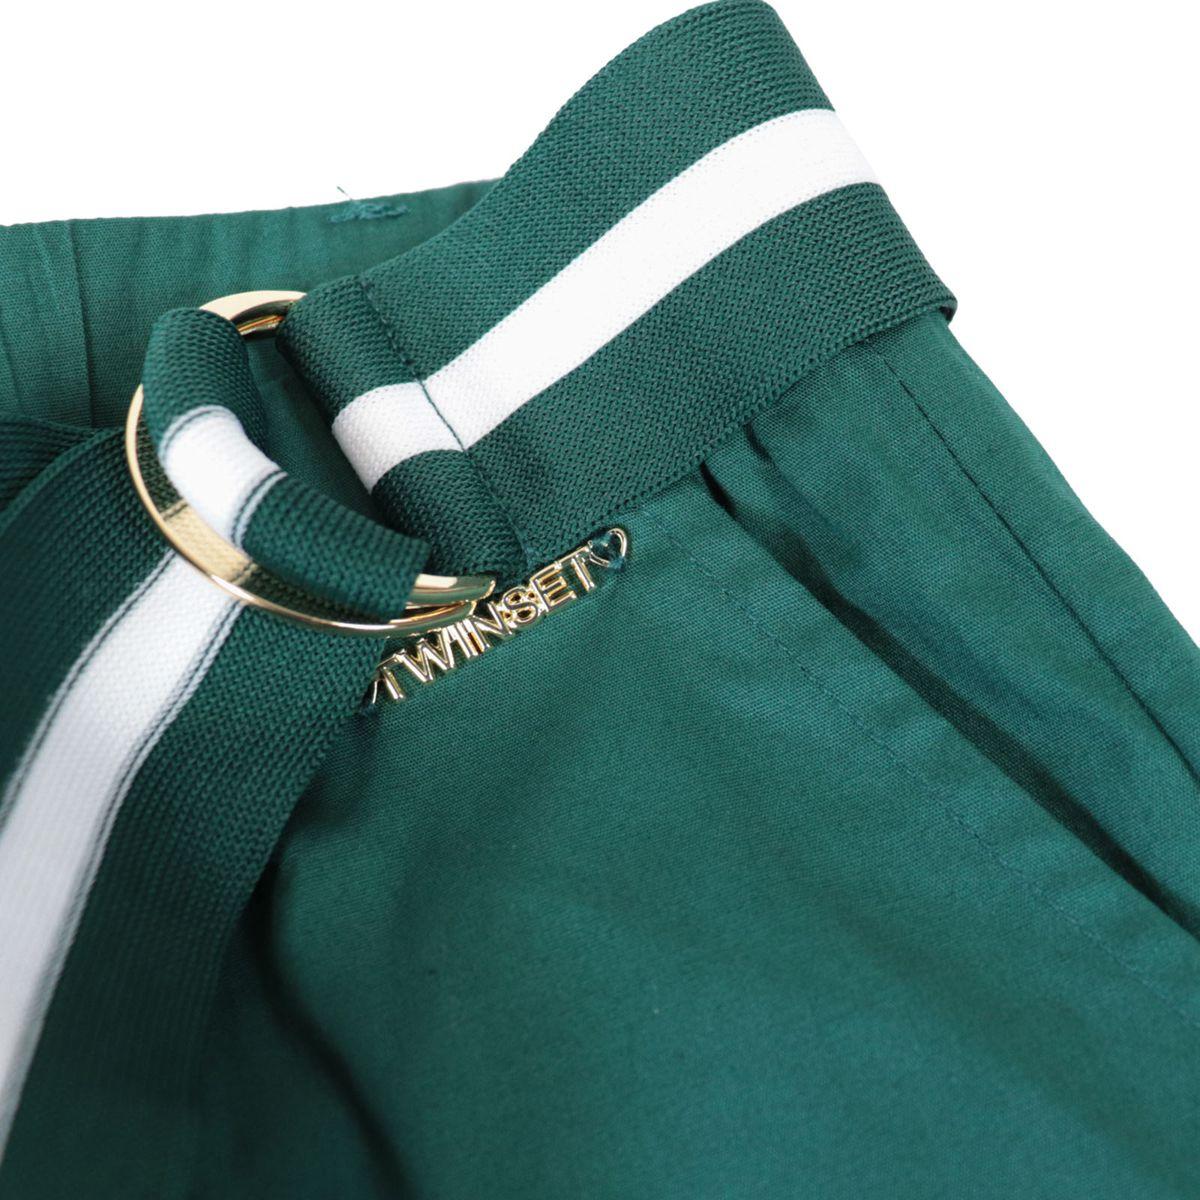 Pantaloni ampi in popeline con cintura a costine bicolor Smeraldo Twin-Set